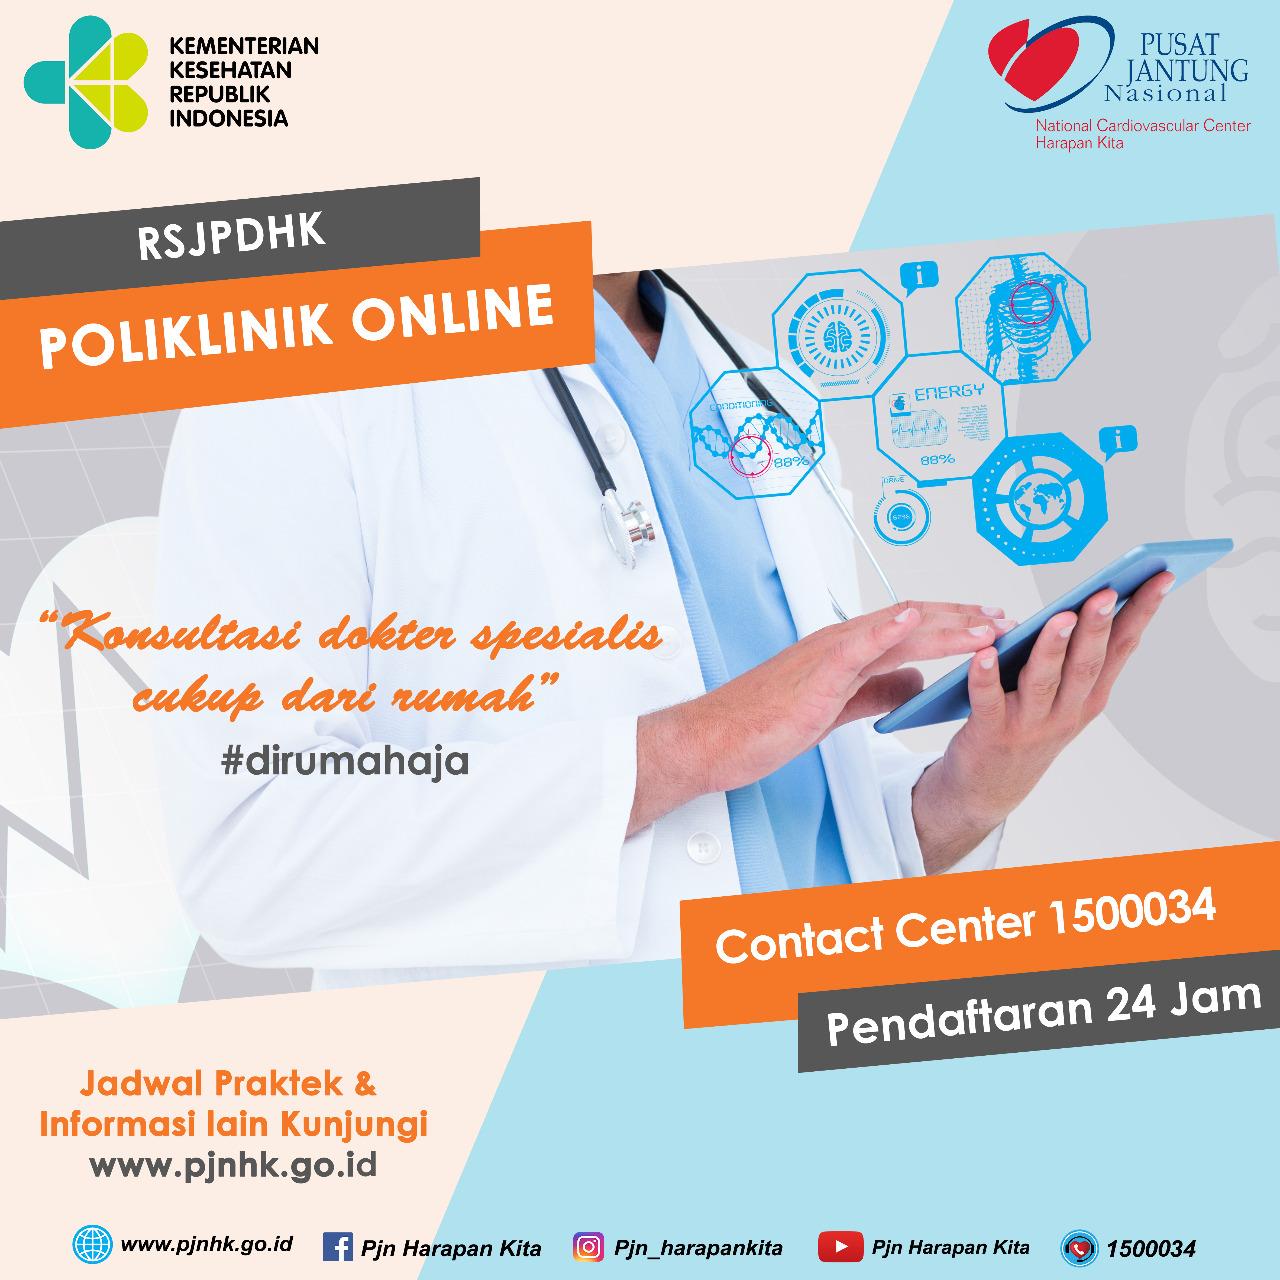 Tetap memberikan pelayanan konsultasi jantung saat pandemi, RSJPDHK melaksanakan Poli Online